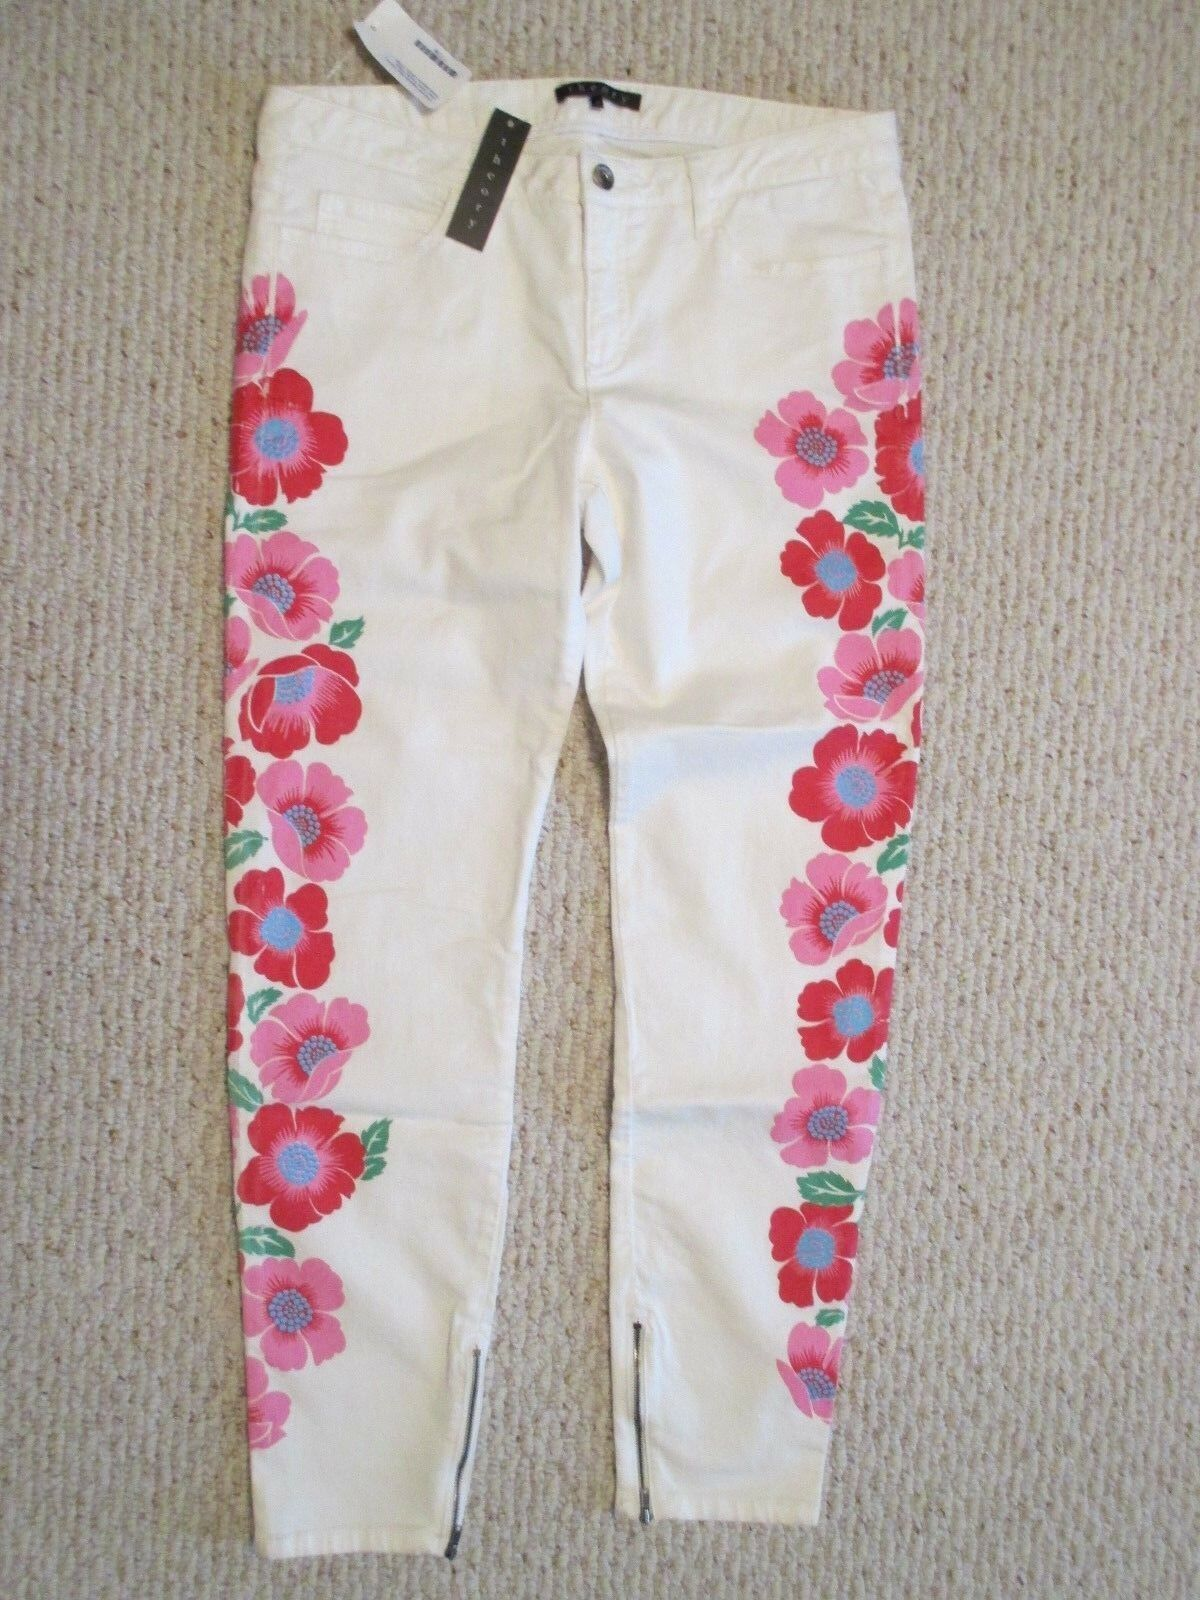 Theory Nakisha Floral Maui Jeans Pants Size 8 NWT  Zip Ankle